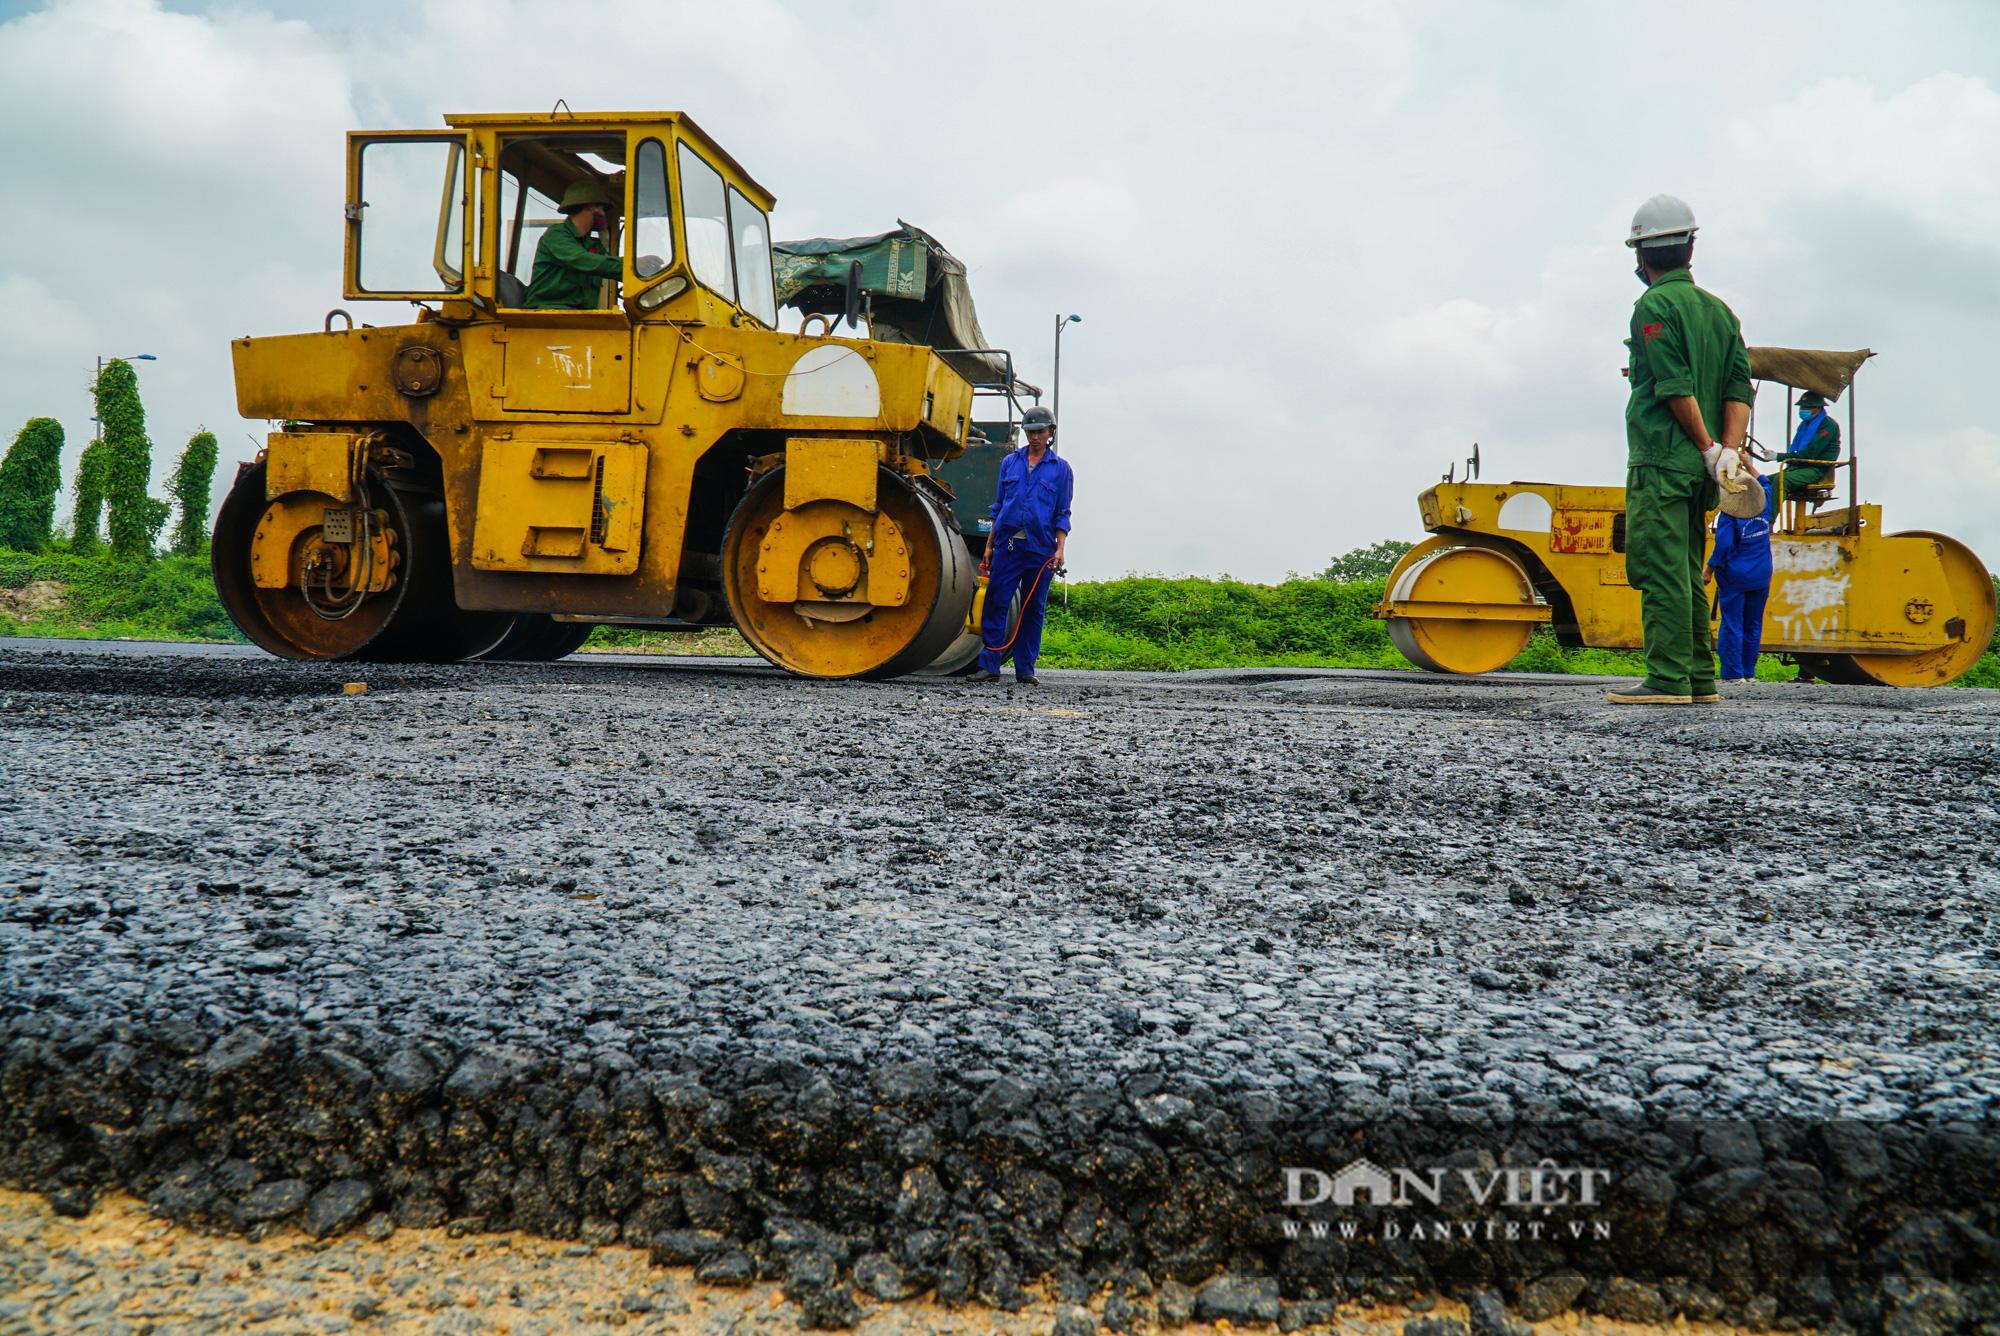 Công nhân tất bật xây dựng tuyến đường 400 tỷ kết nối Vành đai 3 với cao tốc Hà Nội - Hải Phòng - Ảnh 6.